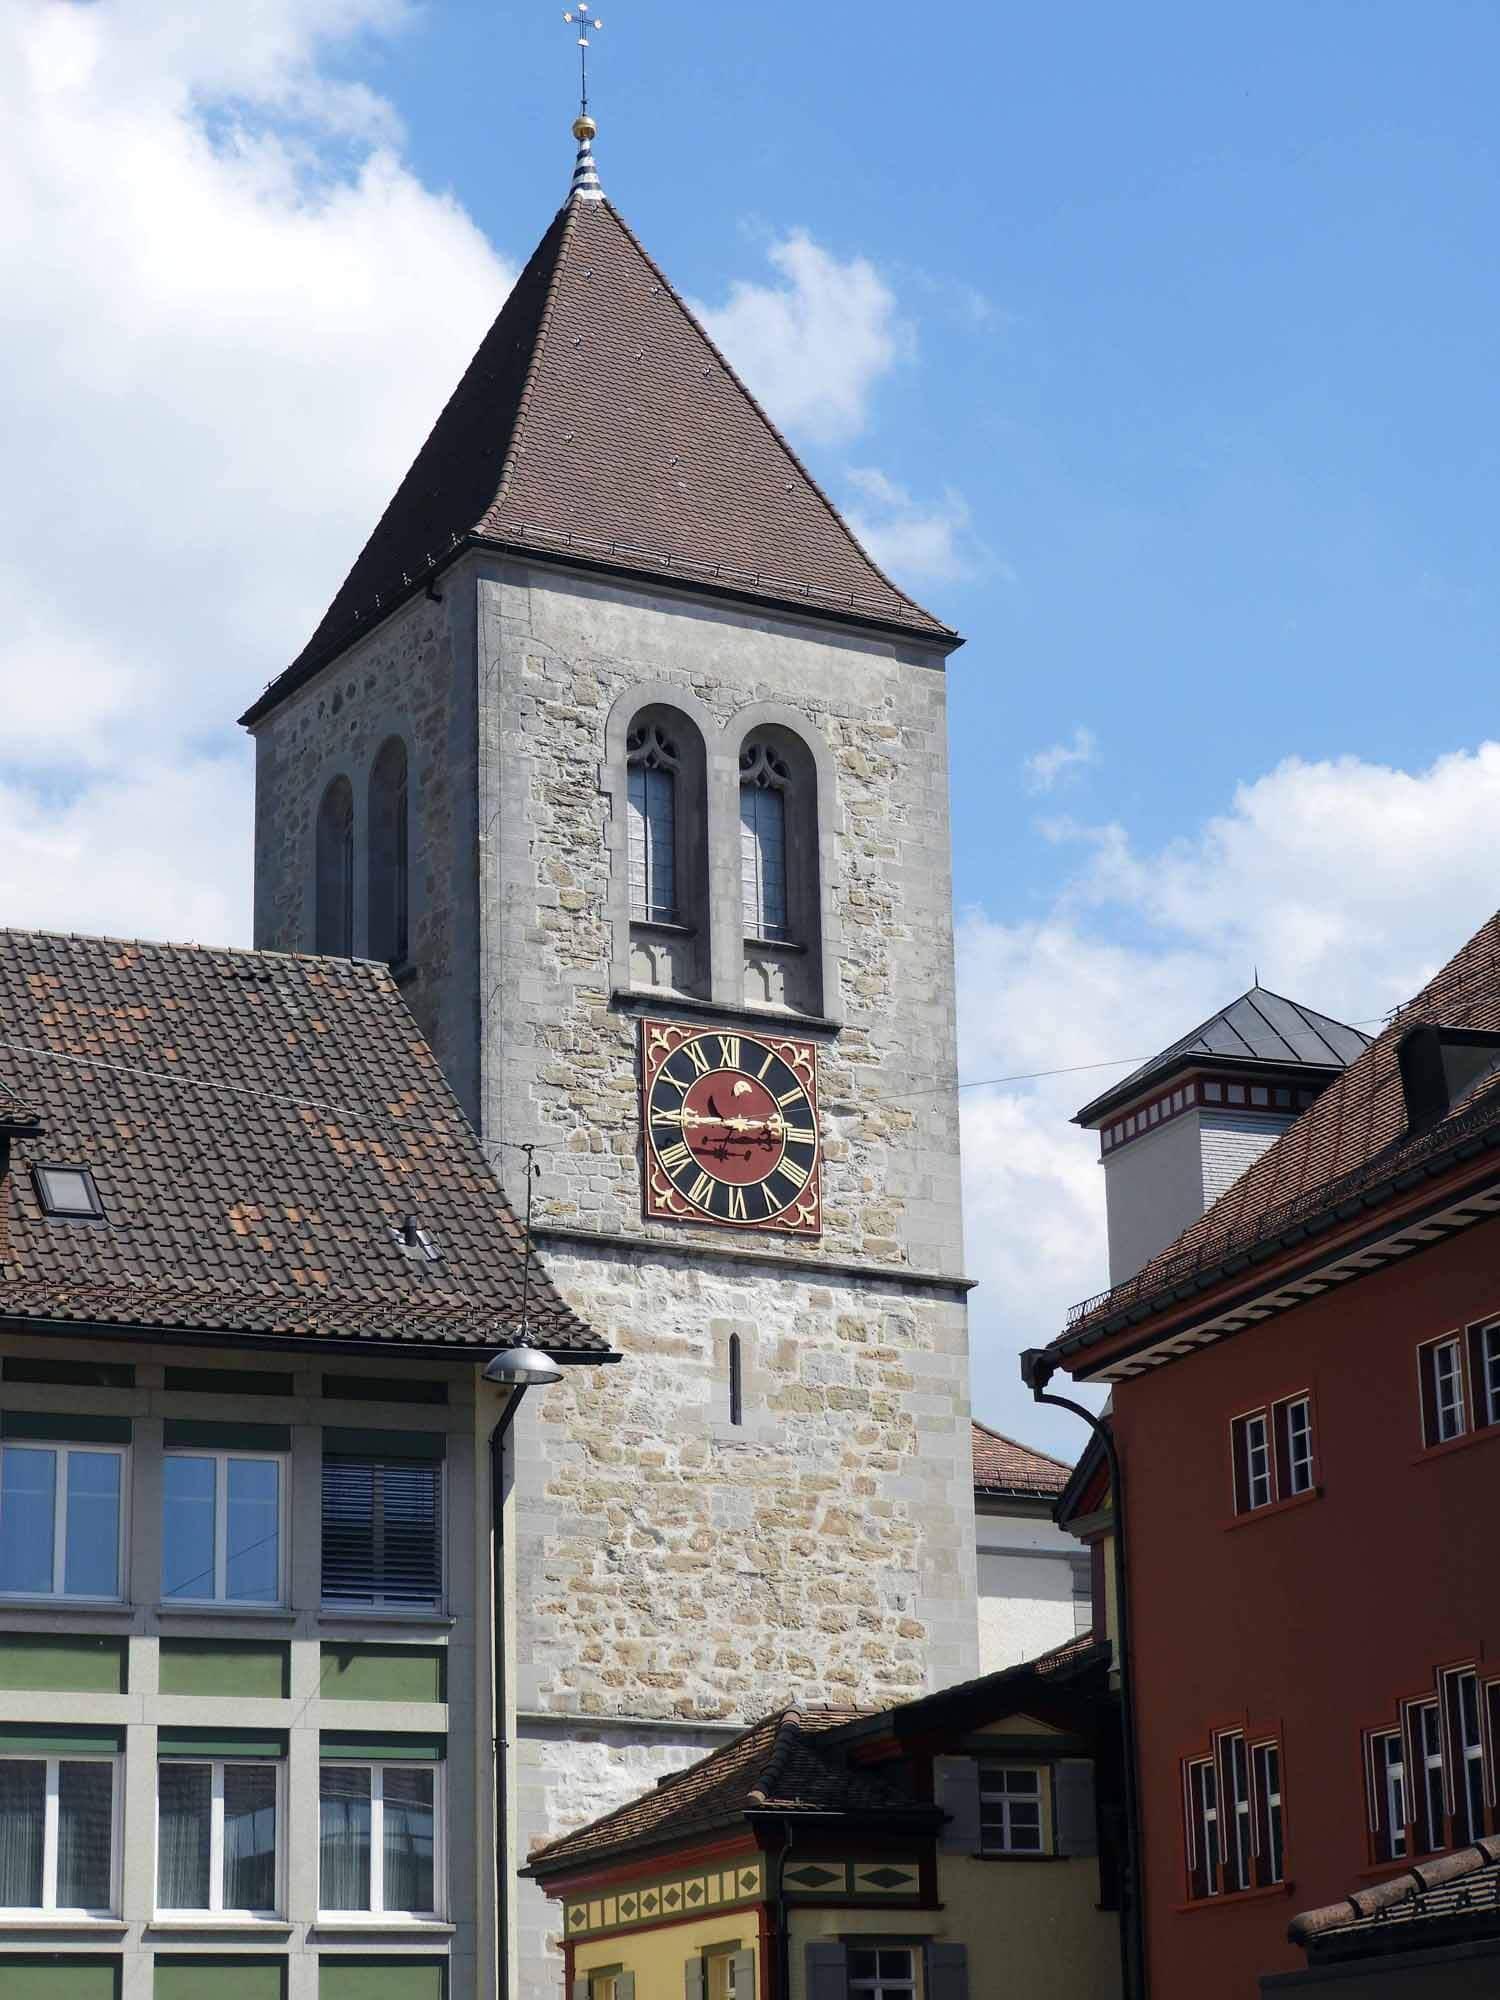 switzerland-appenzell-church-tower.JPG